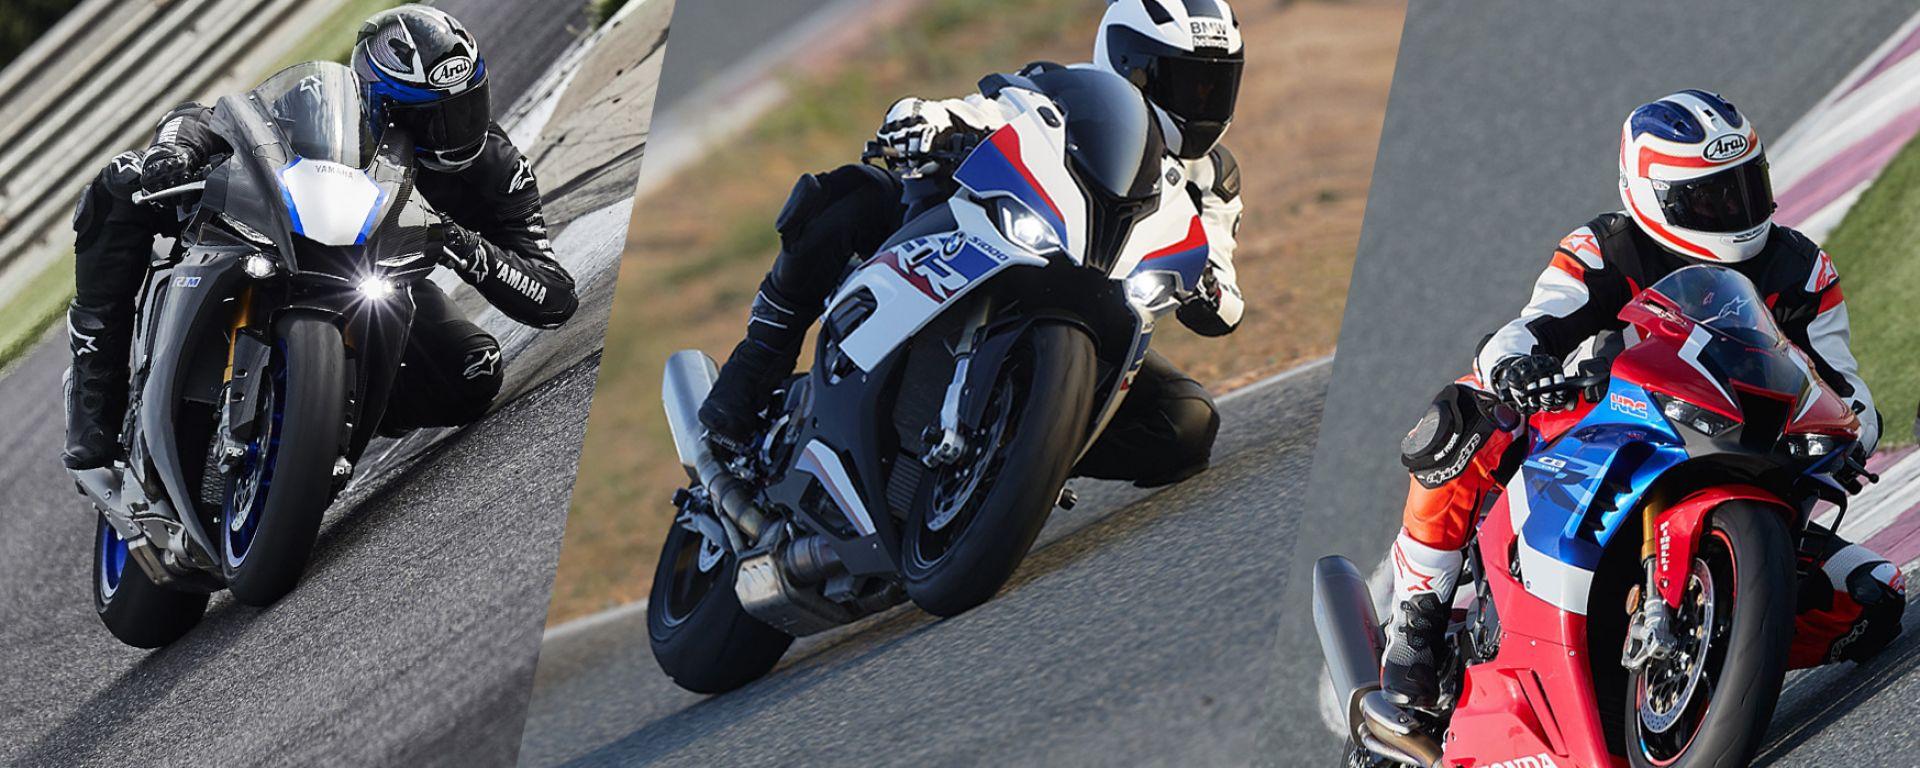 Sfida a tre: Yamaha YZF-R1M, BMW S 1000 RR M Performance e Honda CBR 1000 RR-R Fireblade SP 2020